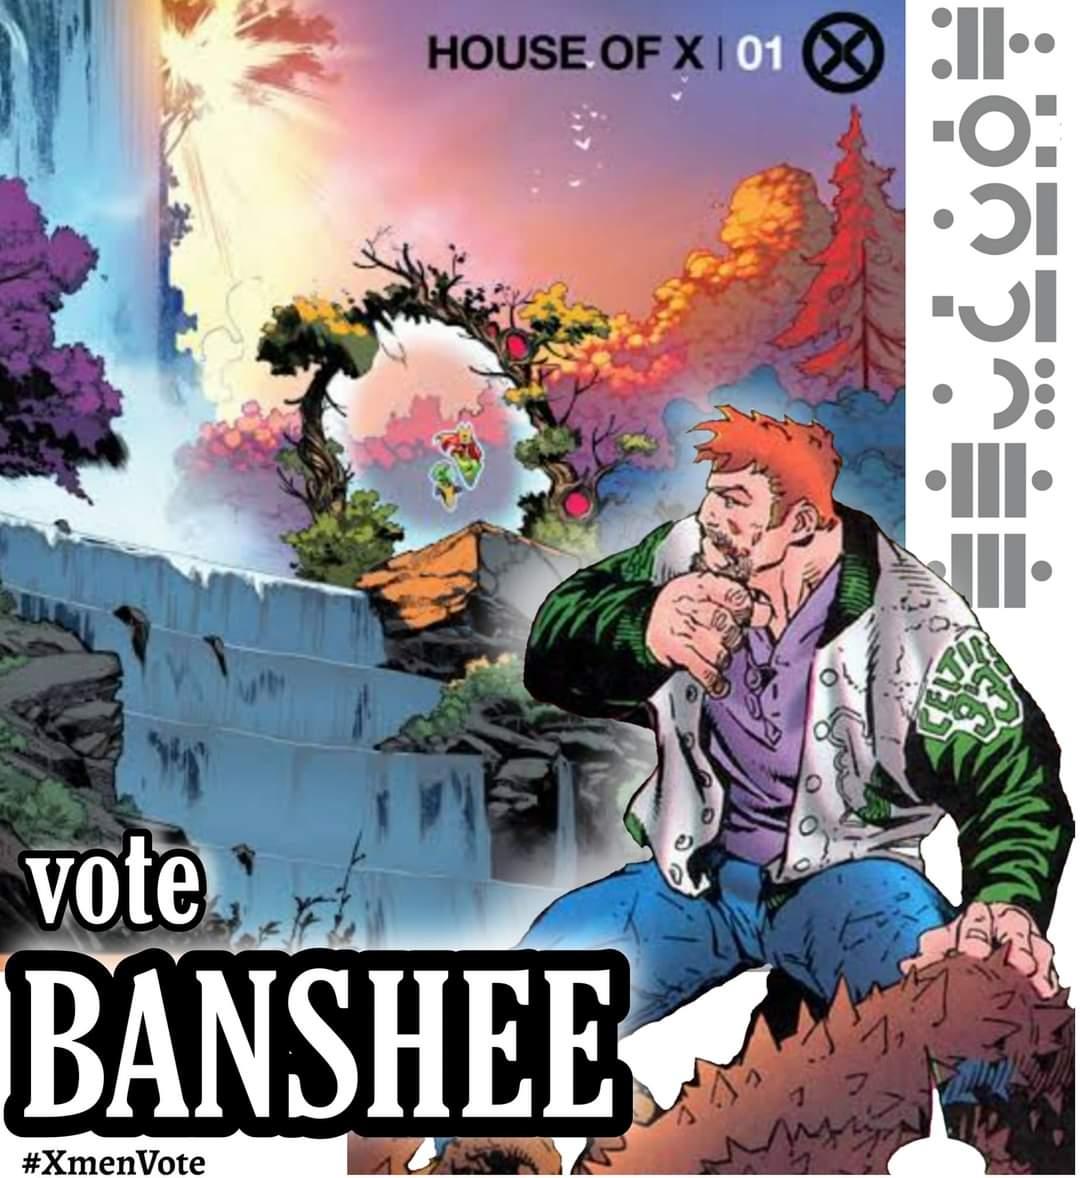 @multiversos Vote em Banshee. O time precisa de um pouco de sorte irlandesa. 😎🍀 #XMenVote